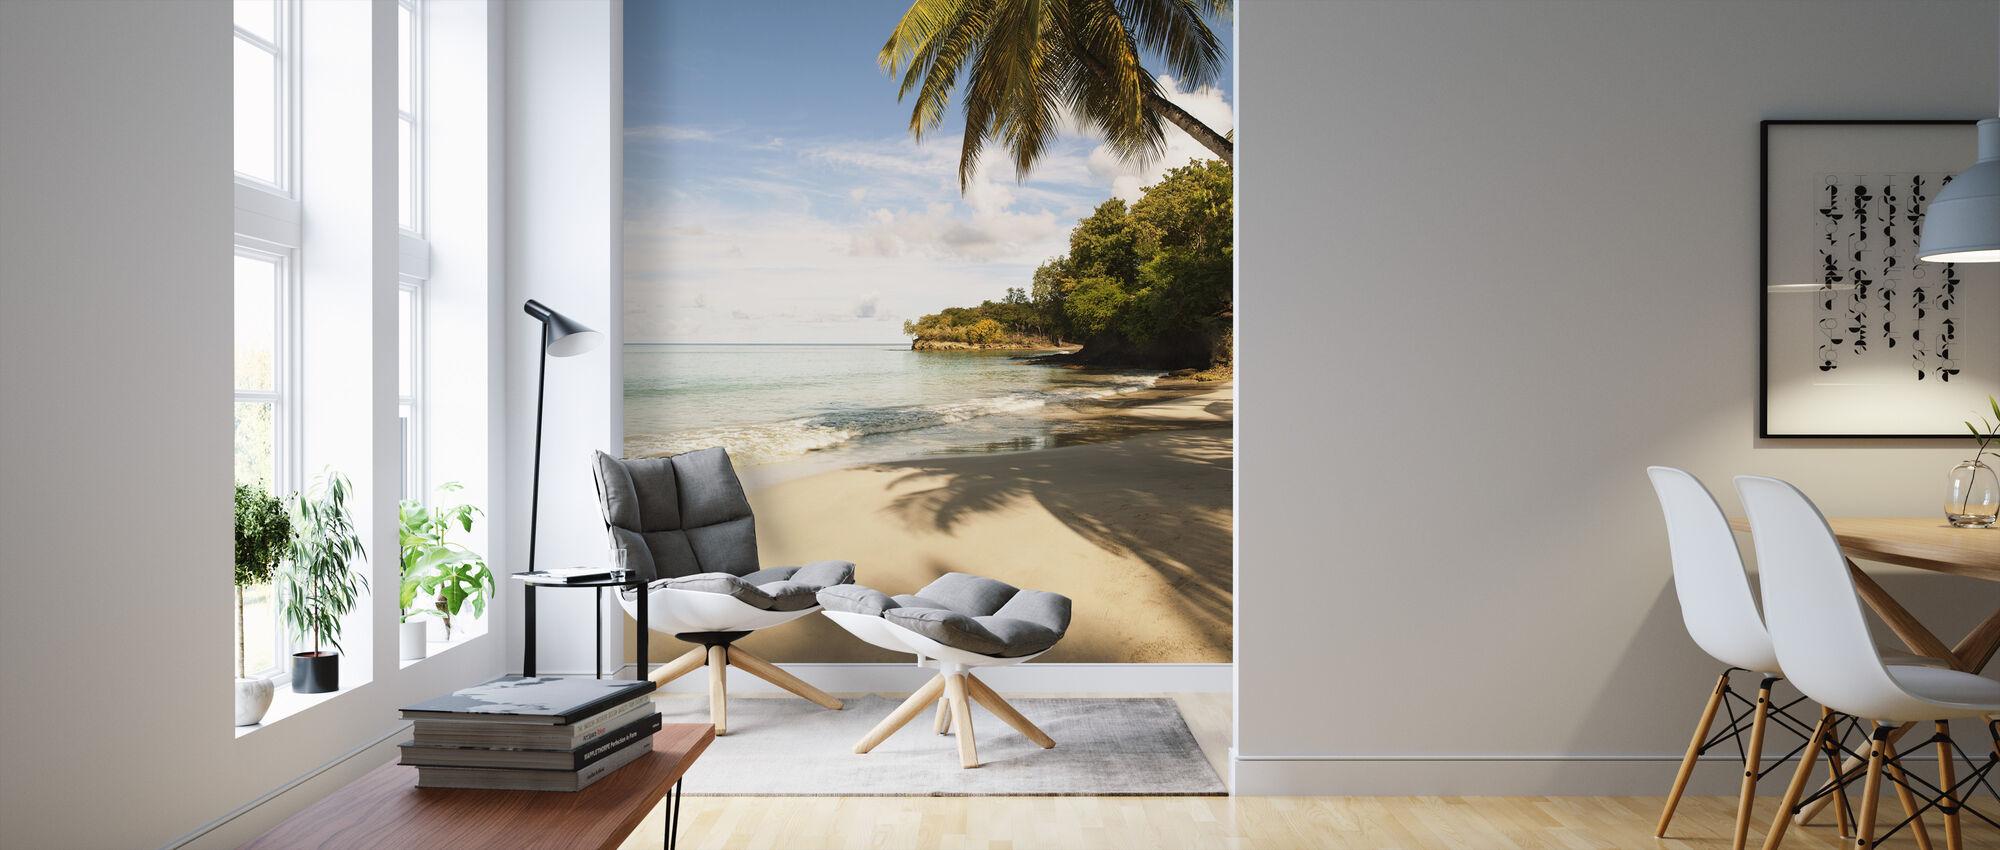 Beach in Saint Lucia, Carribean - Wallpaper - Living Room